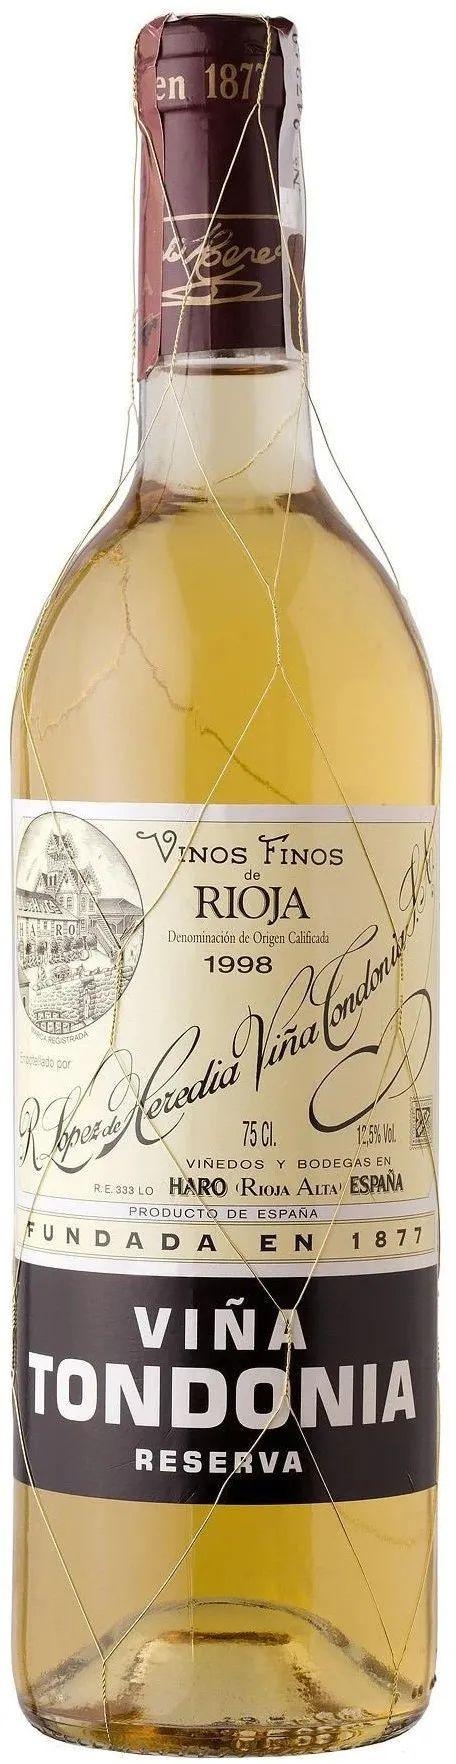 上海 跨越半个世纪的西班牙老酒品鉴,土豆泥与Vega Sicilia同行